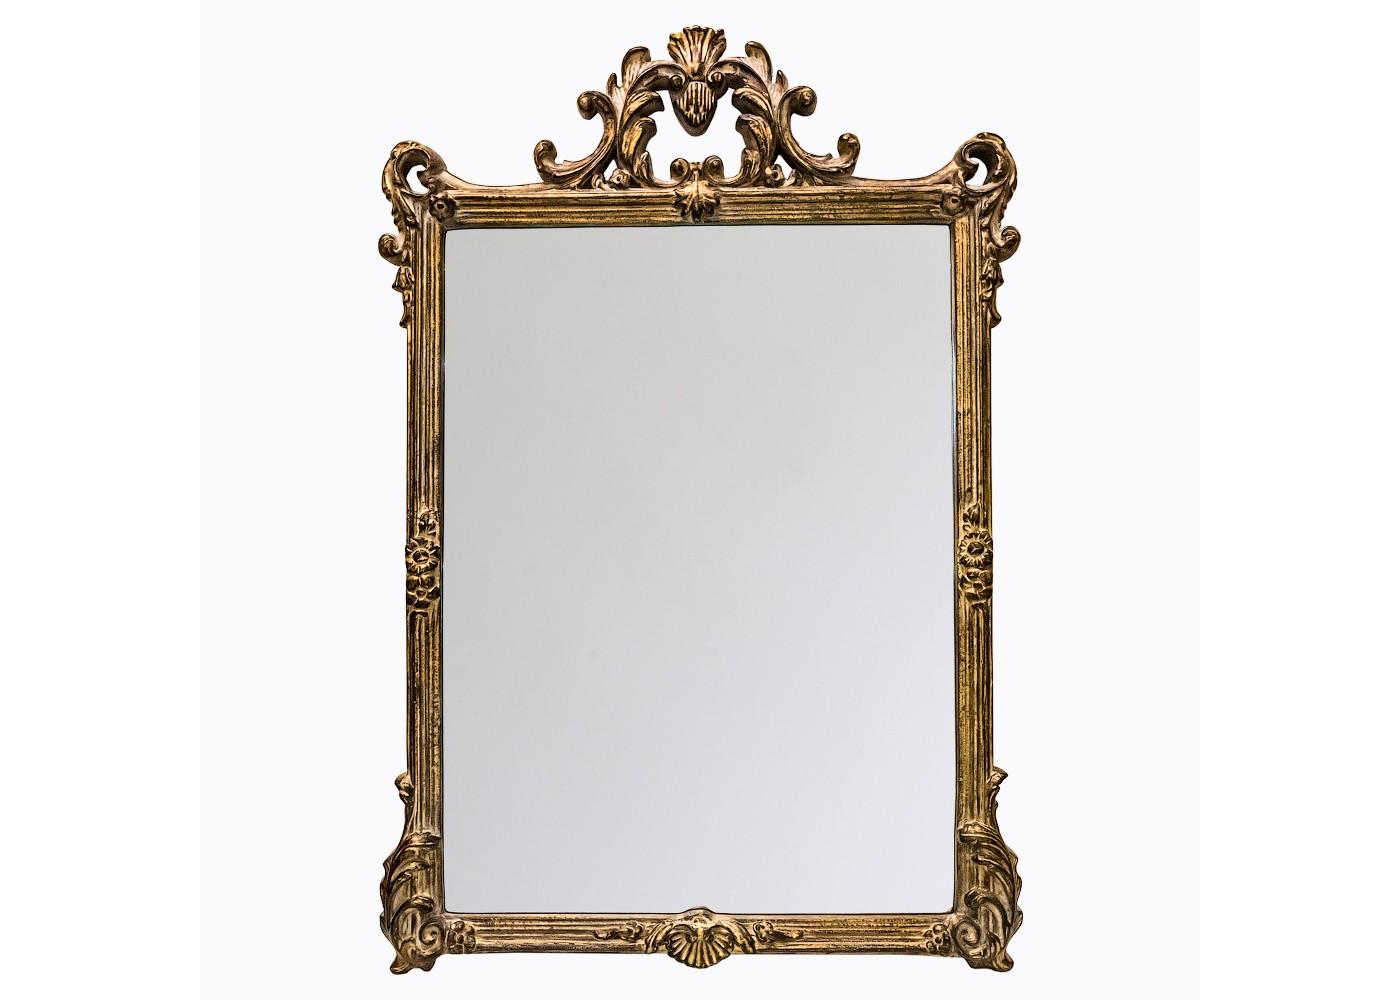 Настенное зеркало «Сен-Жермен»Настенные зеркала<br>&amp;quot;Сен-Жермен&amp;quot; ? зеркало, способное удвоить богатство и роскошь оформления окружающего пространства. Его силуэт величественностью своих пропорций напоминает древний фамильный герб. В безупречности утонченных линий, акцентированных торжественным широким фацетом, читается горделивость за аристократичное происхождение декора. Аканты и рокайли, украшающие прямоугольную раму, служат напоминанием о безвременной элегантности французского стиля. В отделке золотистой патиной это ощущение лишь усиливается.&amp;lt;div&amp;gt;&amp;lt;br&amp;gt;&amp;lt;/div&amp;gt;&amp;lt;div&amp;gt;Размер рамы: 85,5?112,2?5,7 см.&amp;lt;/div&amp;gt;&amp;lt;div&amp;gt;Вес: 6,5 кг.&amp;lt;/div&amp;gt;<br><br>Material: Полиуретан<br>Width см: 85,5<br>Depth см: 5,7<br>Height см: 112,2